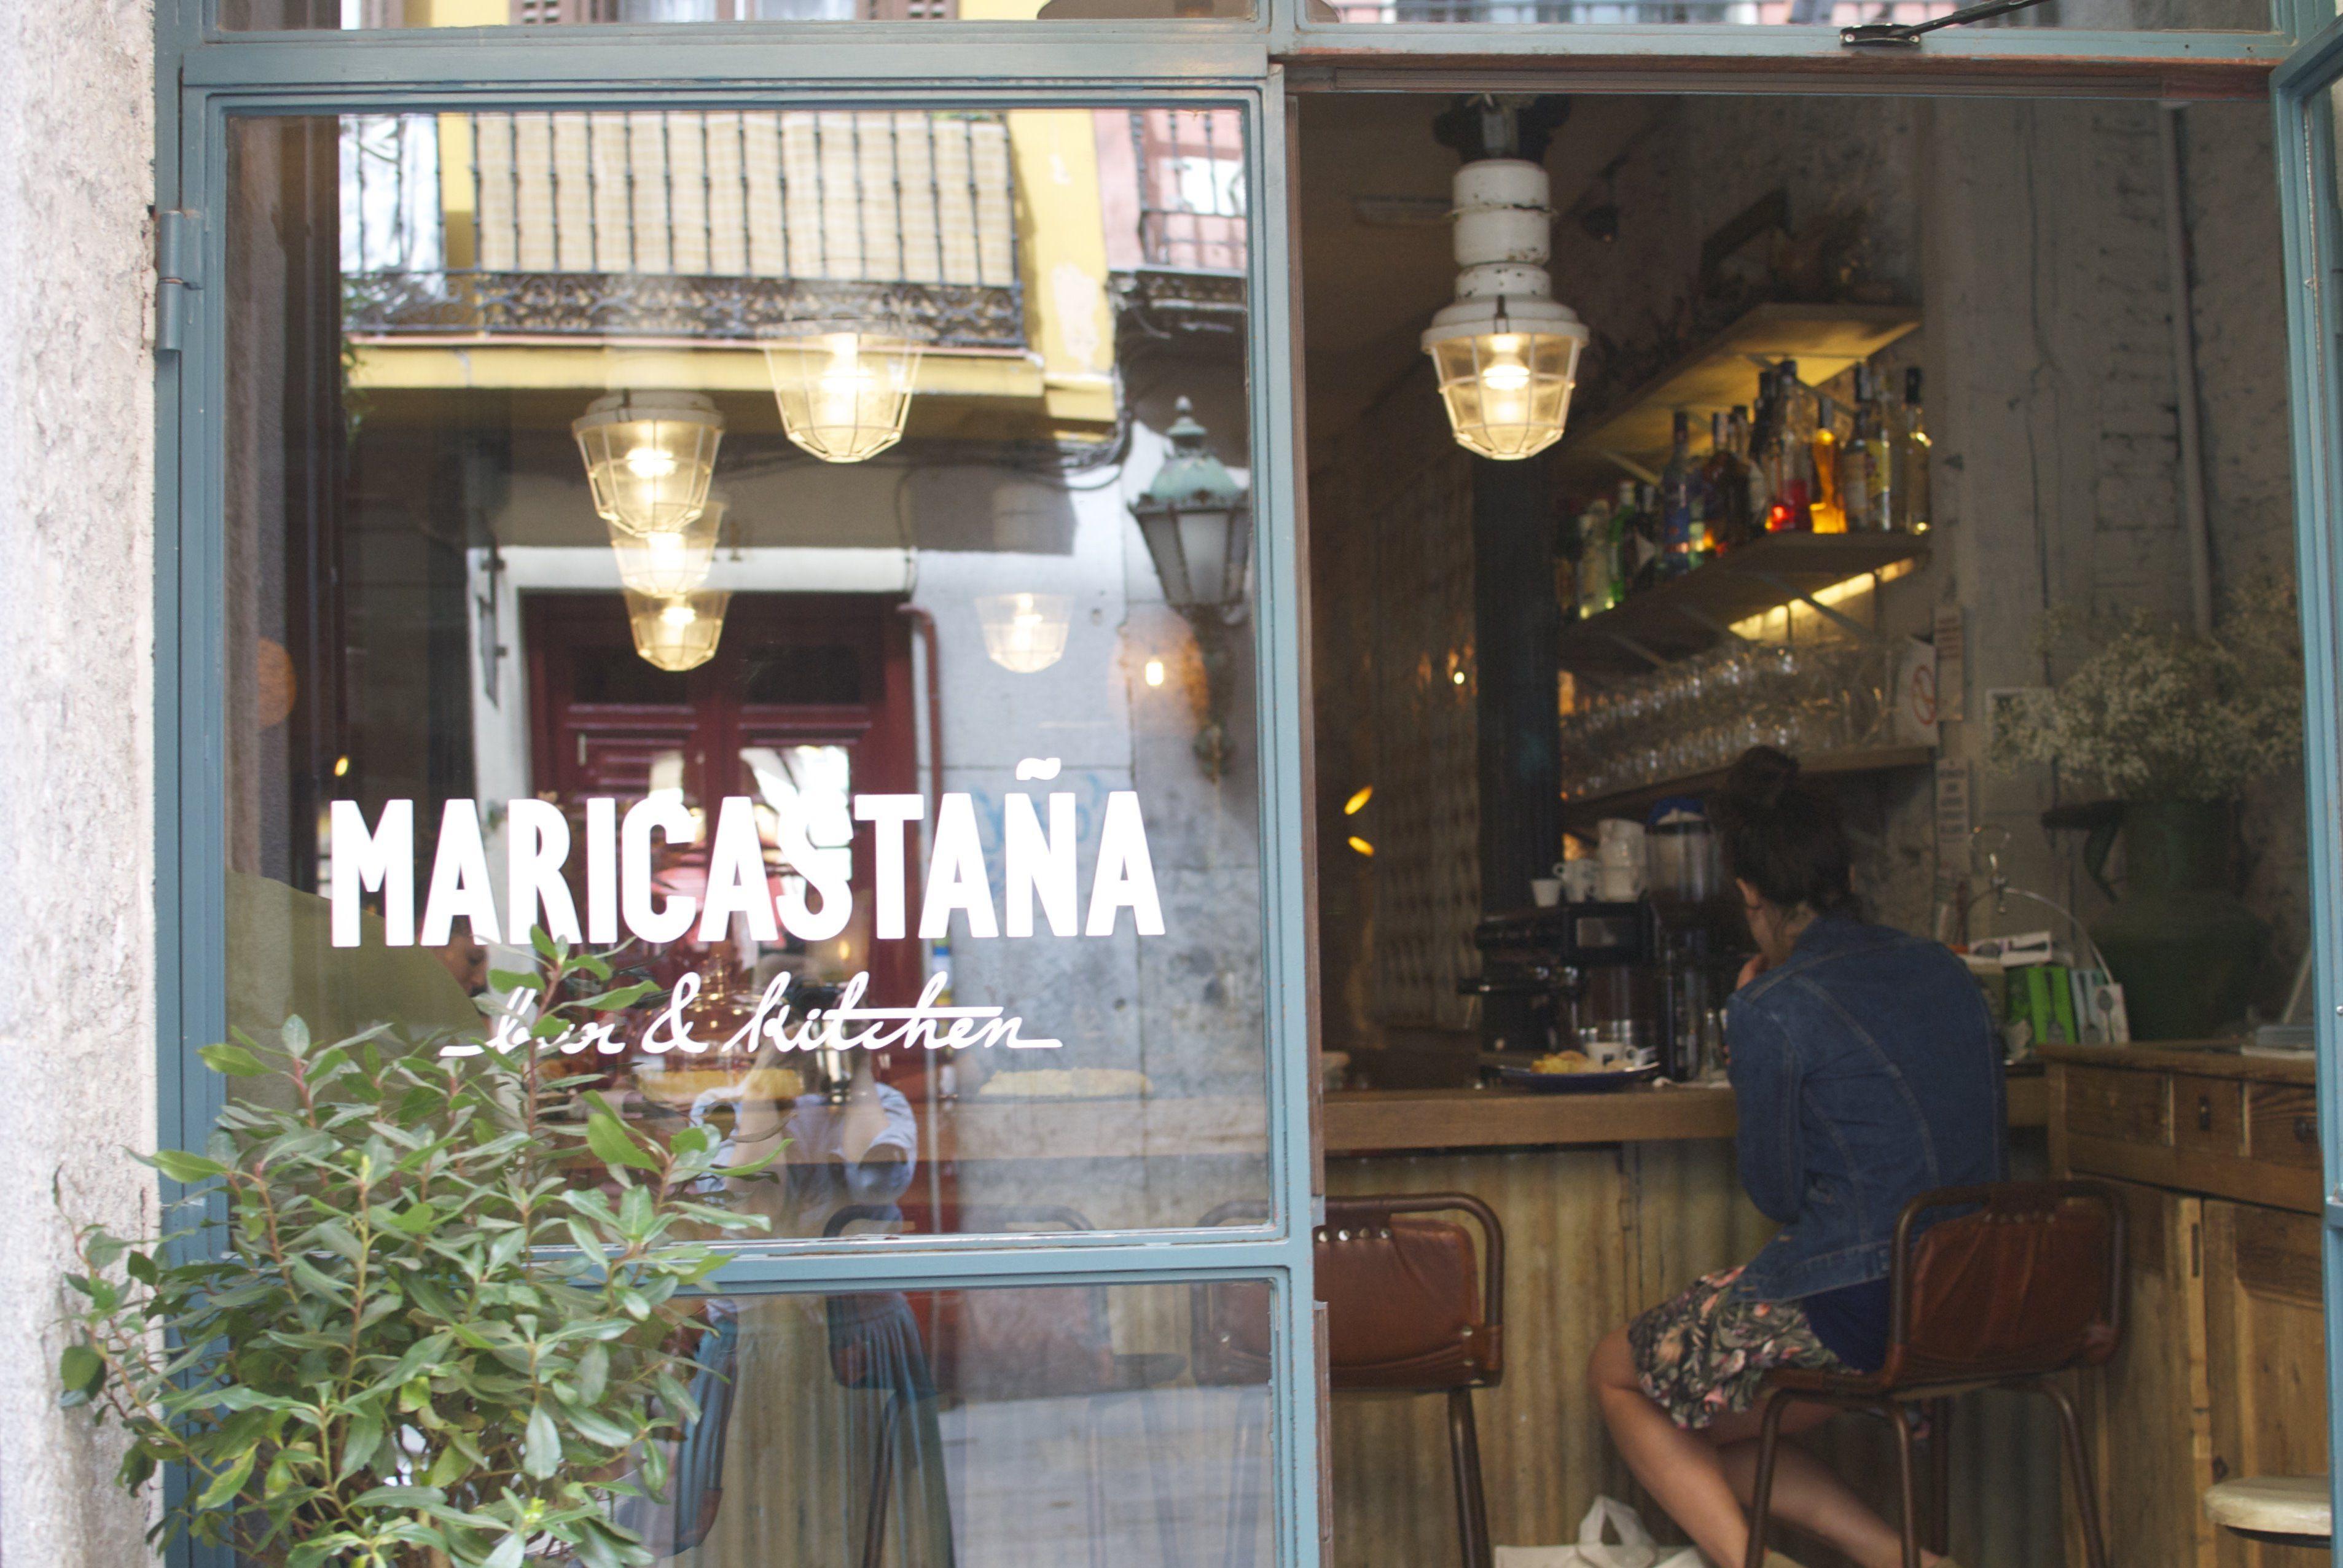 Restaurante madrileño Maricastaña de estilo vintage e industrial